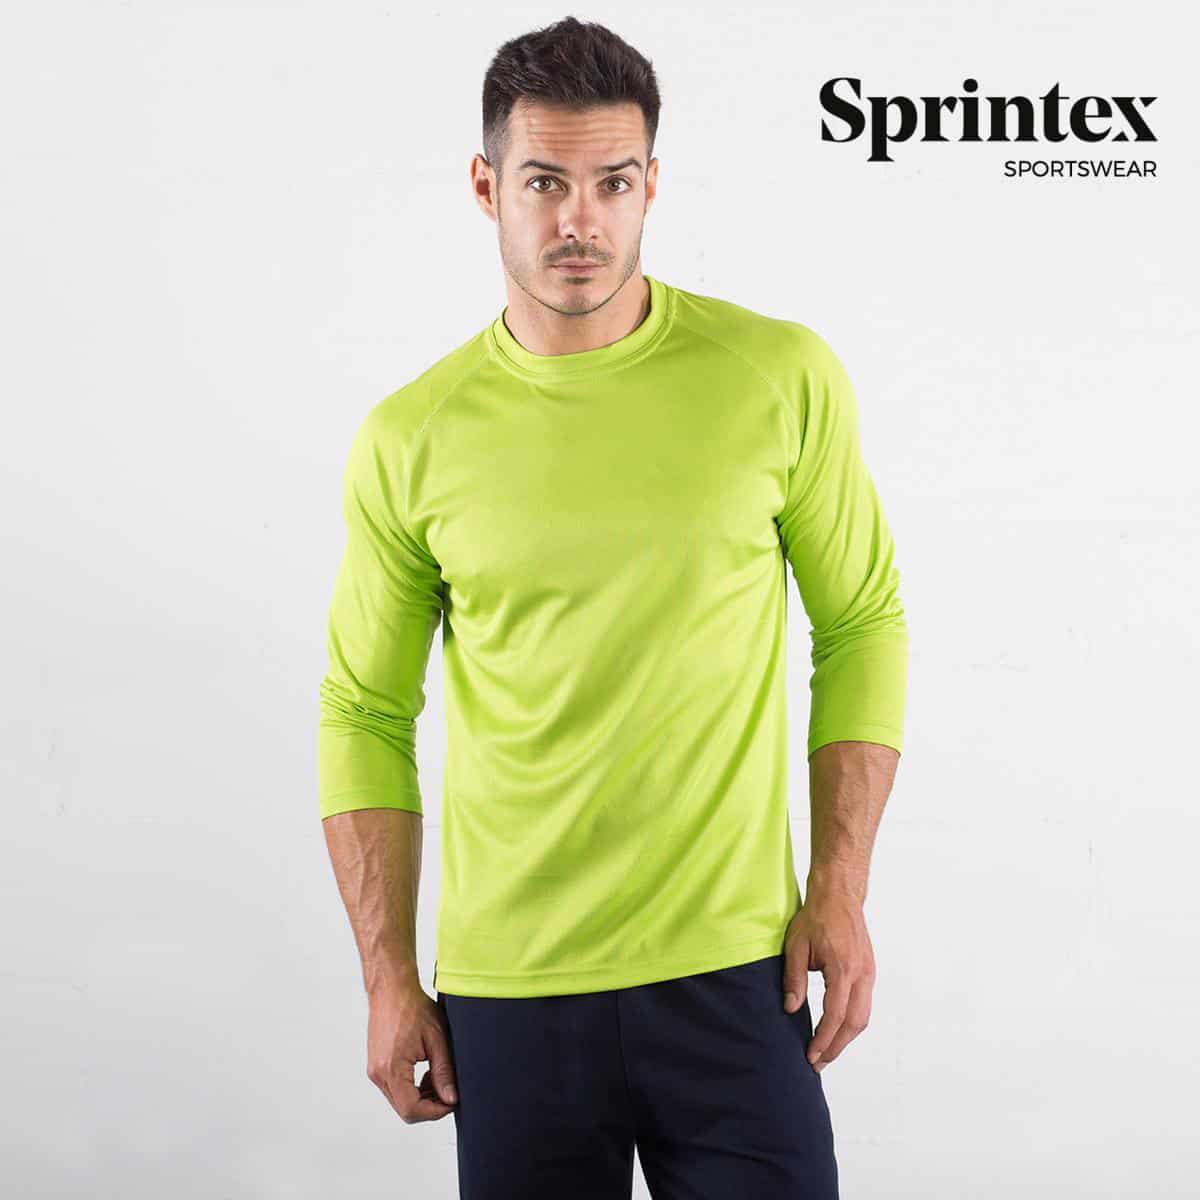 Uomo con tshirt manica lunga in poliestere di colore verde fluo